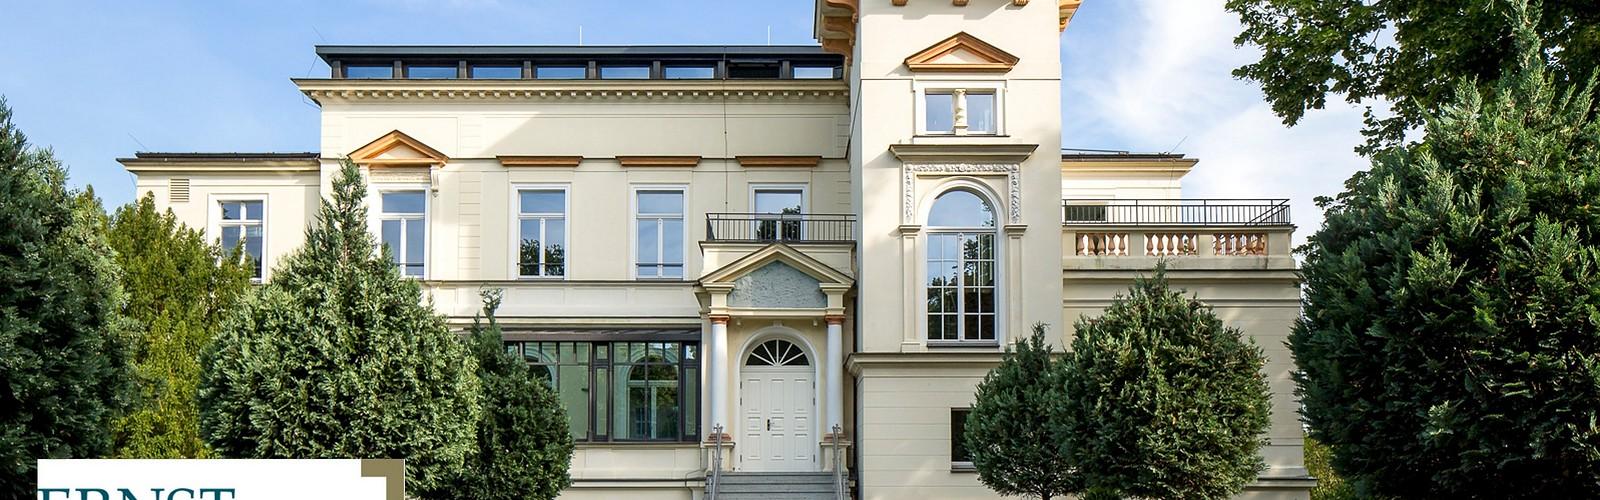 Villa Bergmann - exterior view © Klinikum Ernst von Bergmann gGmbH